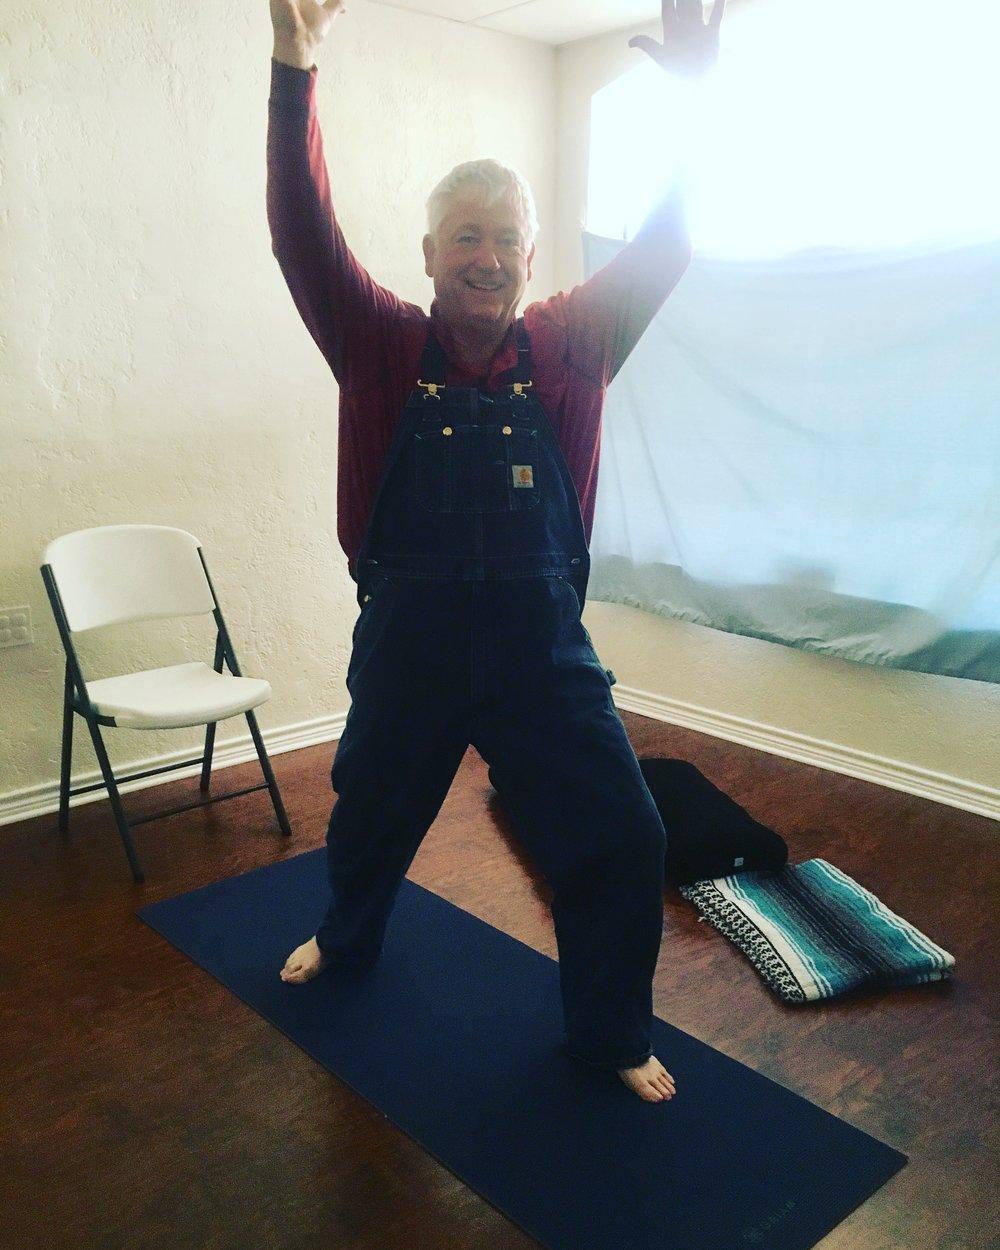 trauma informed yoga wf